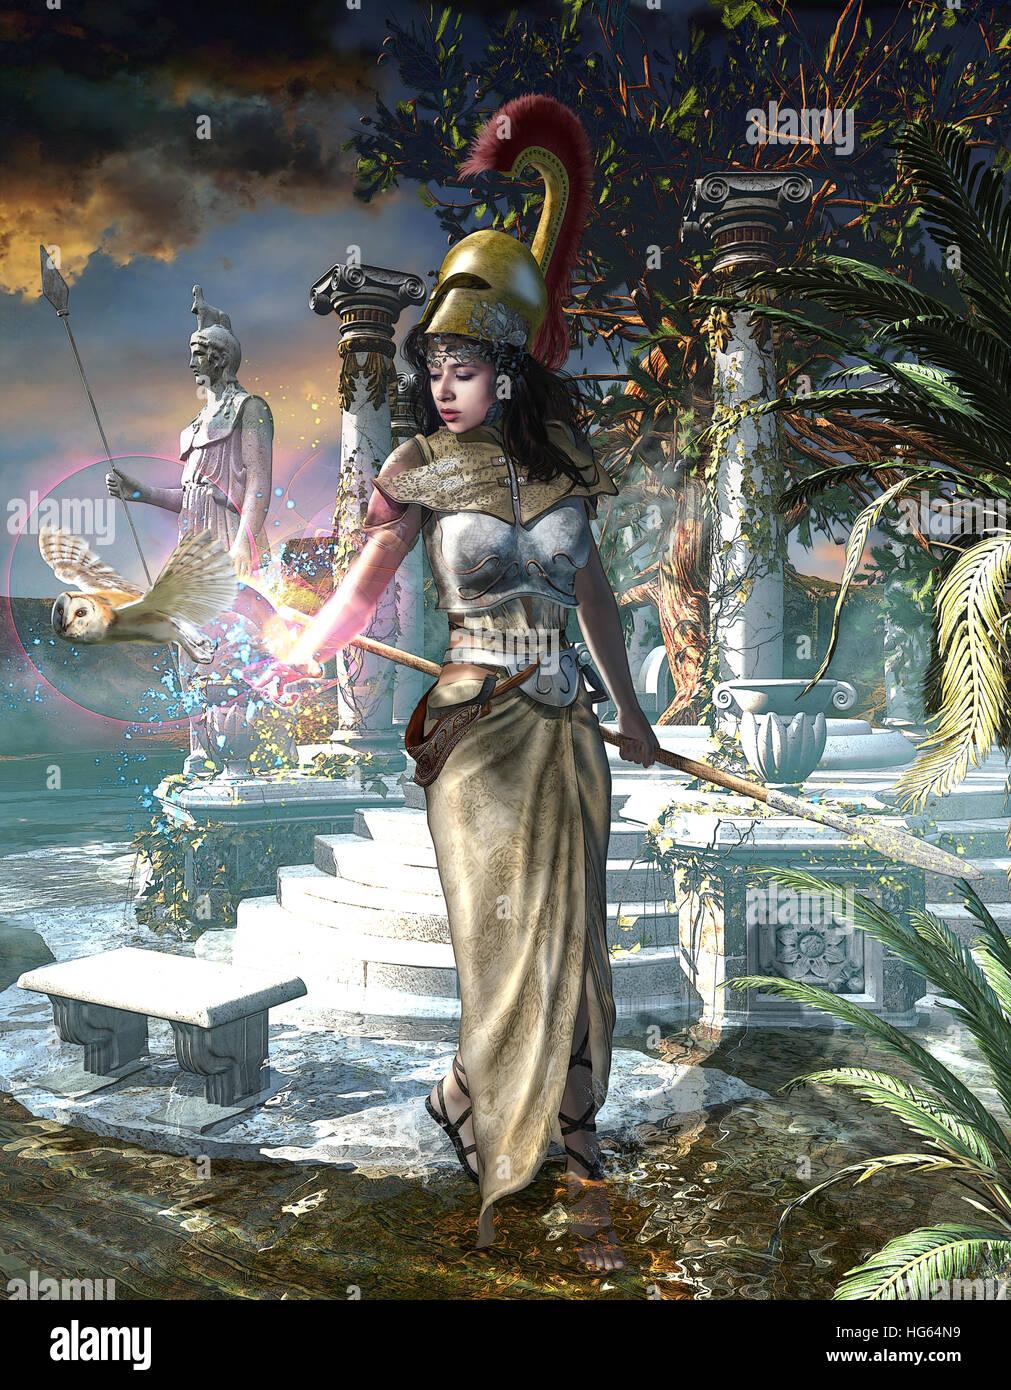 Of athena greek wisdom goddess